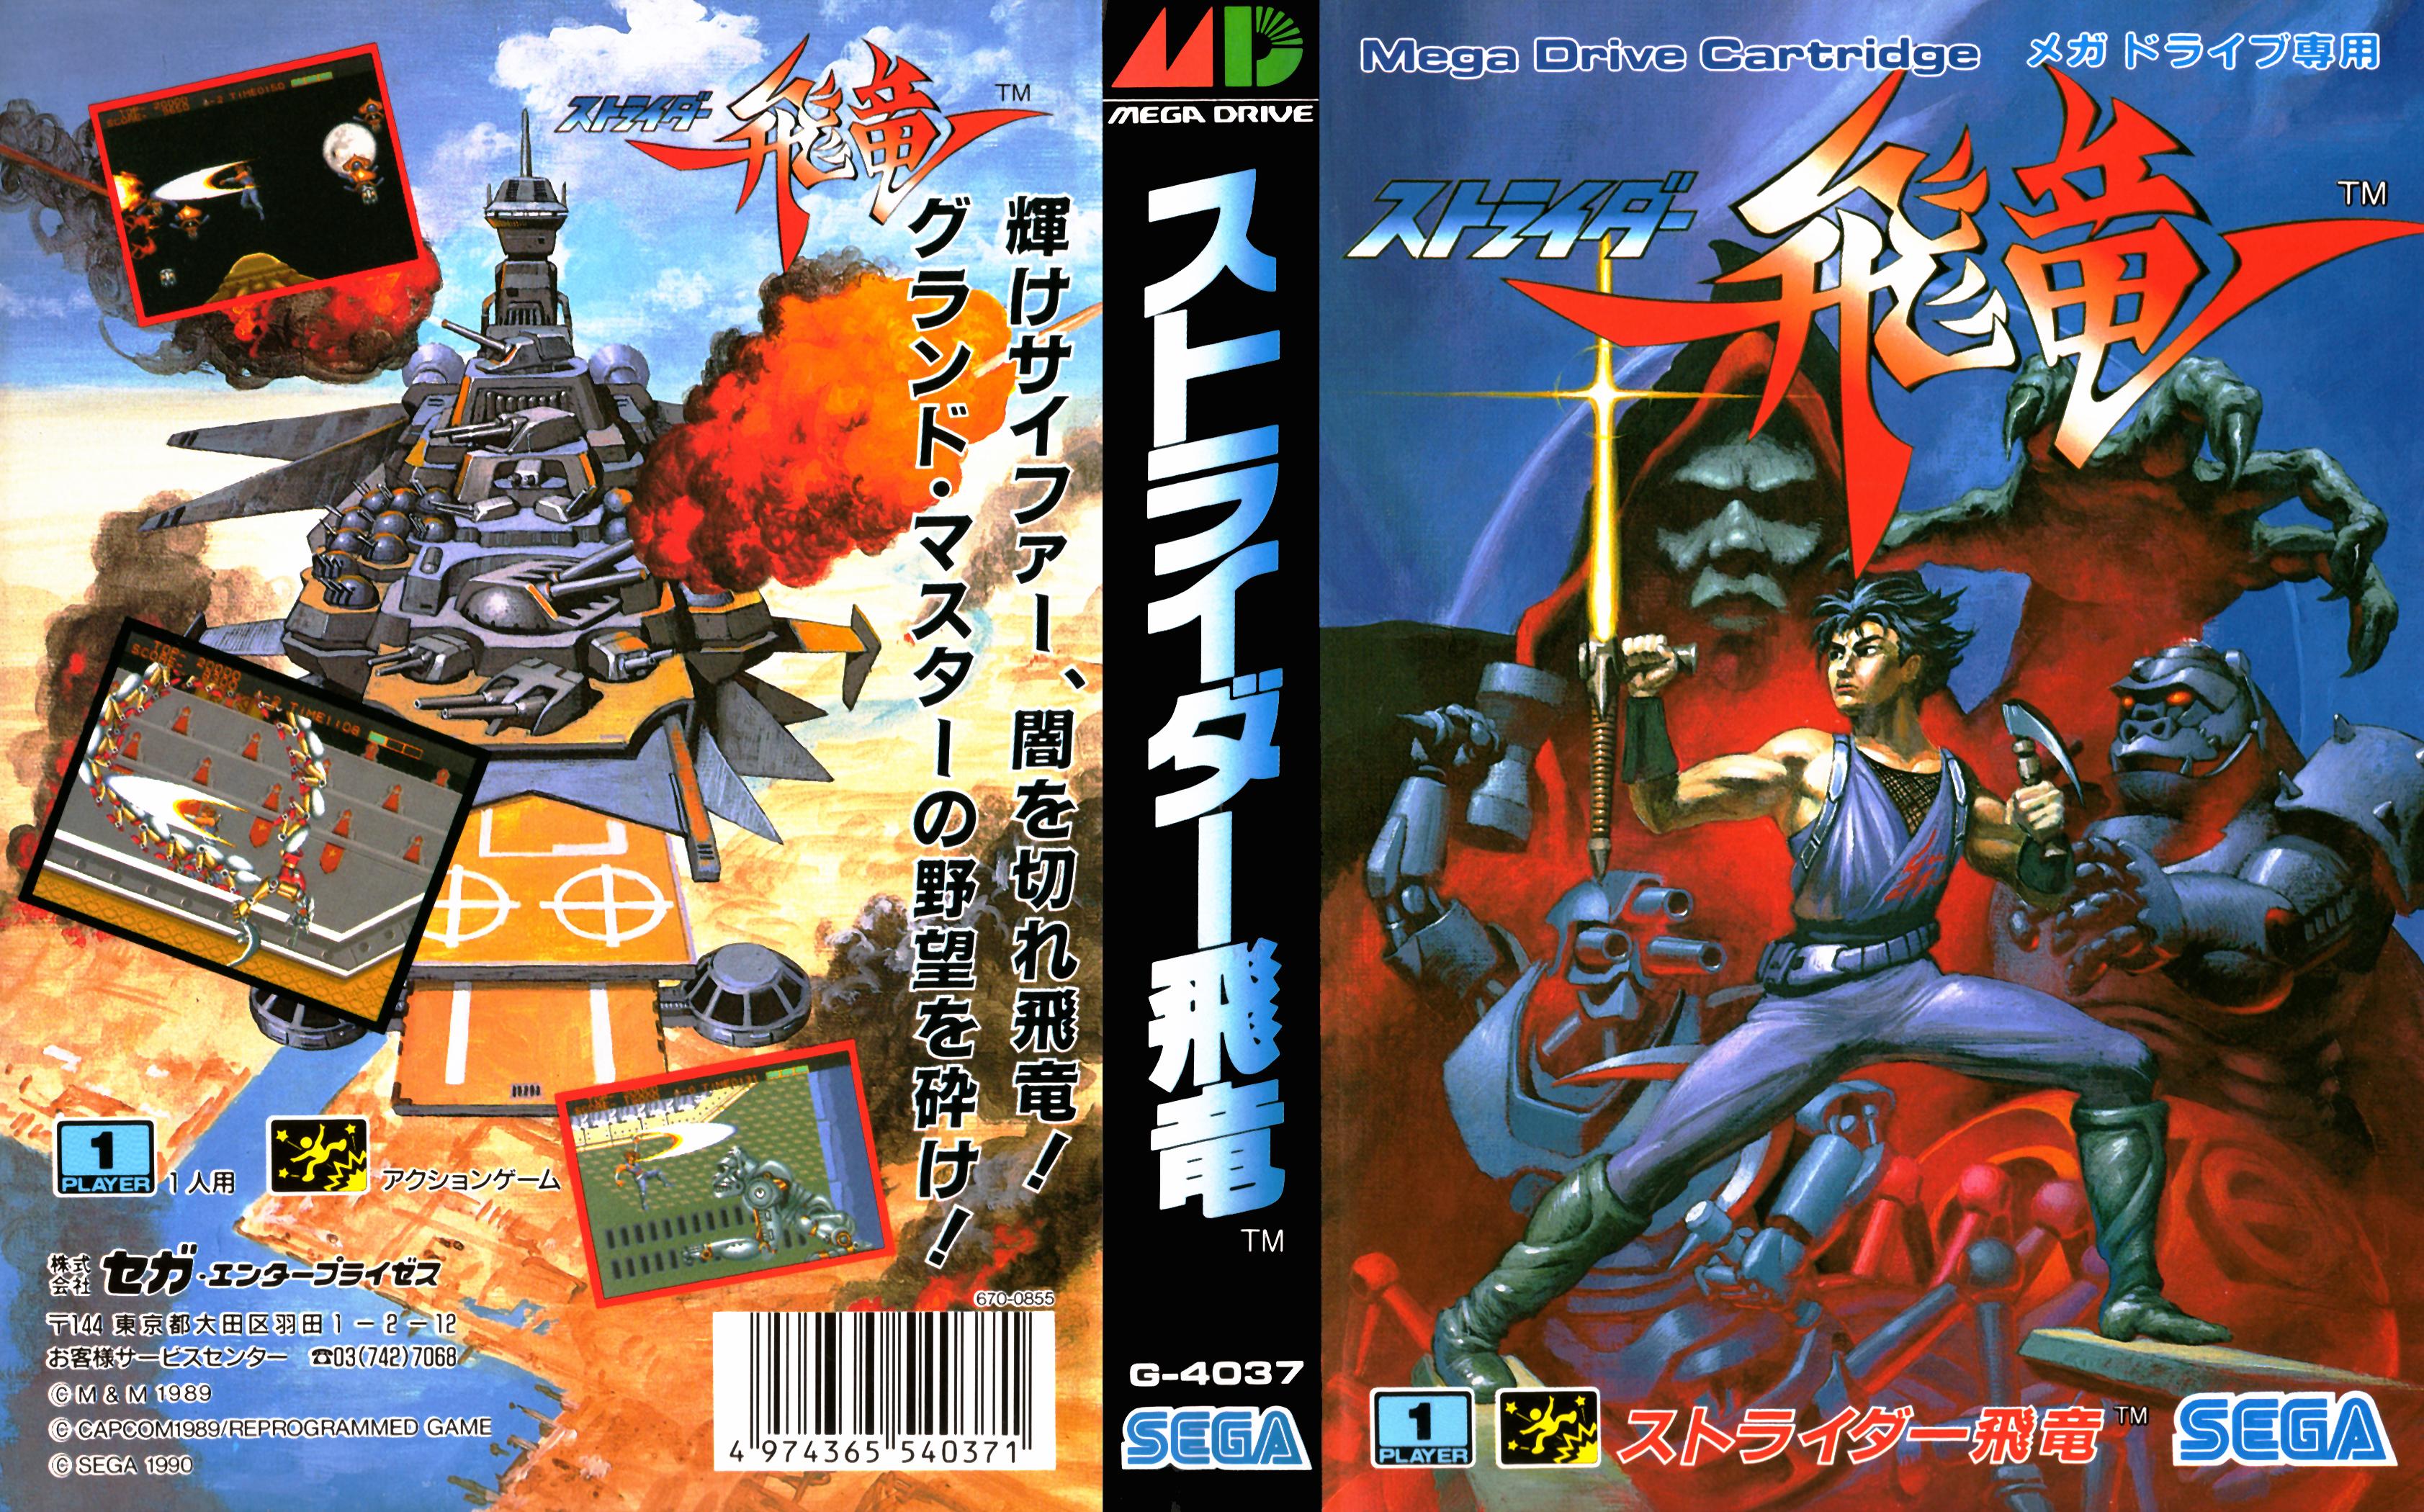 Sega Megadrive Genesis S Game Cover Box Art